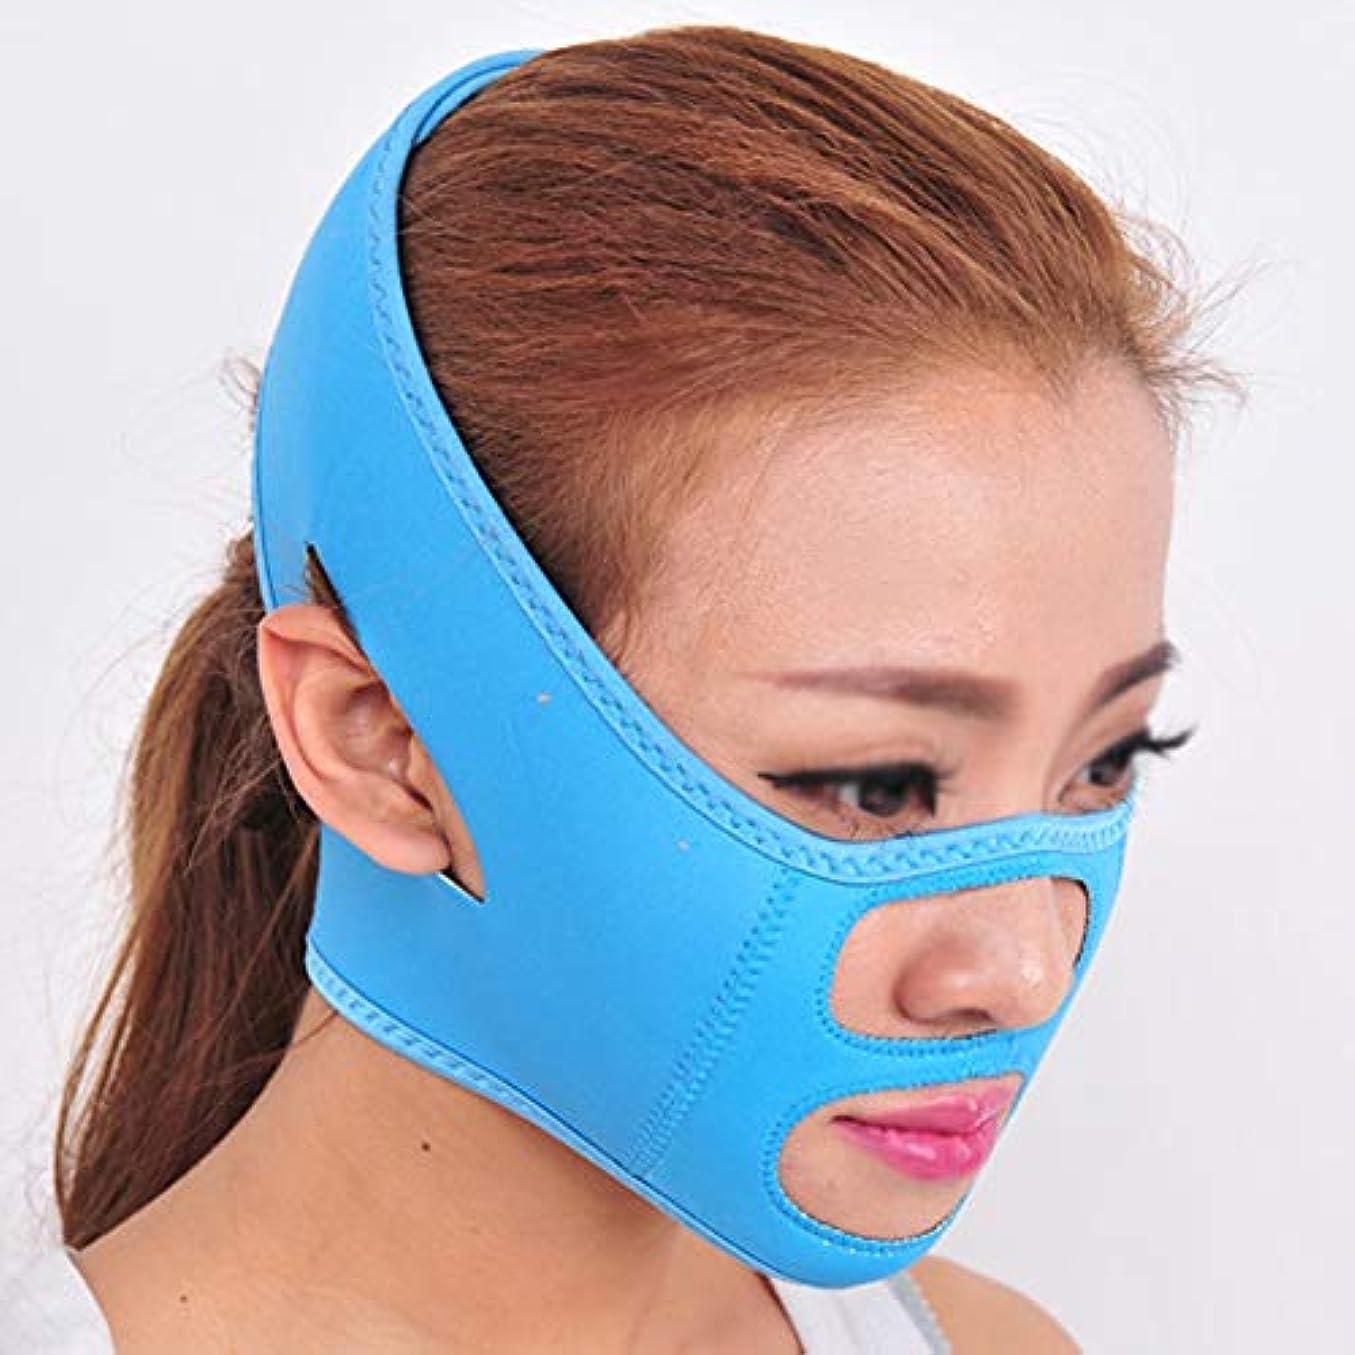 ディプロマ一時停止刺繍XHLMRMJ あごのストラップ、フェイスリフティングマスク、二重あご、フェイスリフティングに最適、リフティングフェイシャルスキン、フェイシャル減量マスク、フェイスリフティングベルト(フリーサイズ) (Color : Blue)